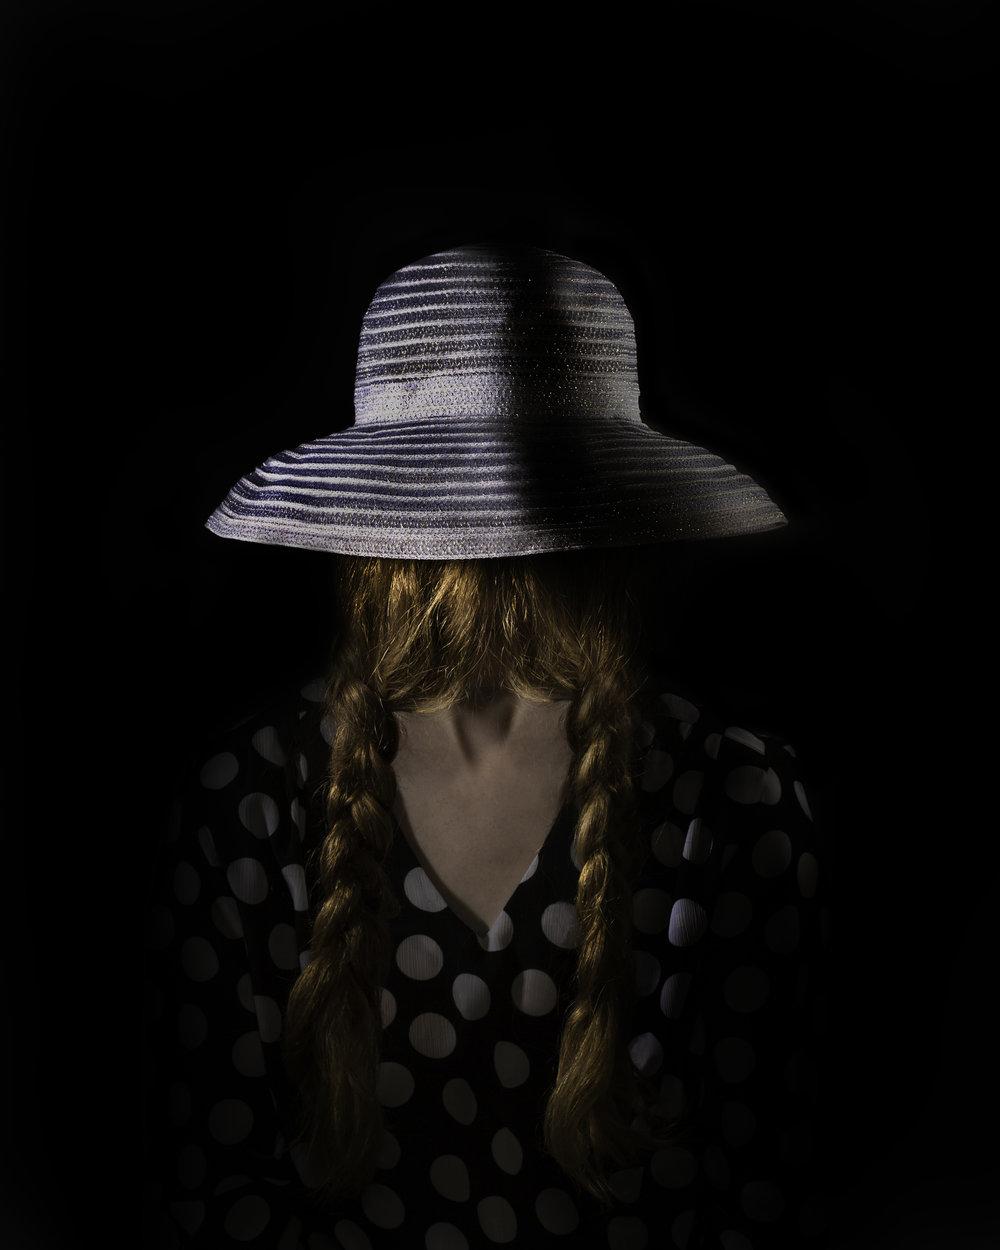 hatgirl.jpg